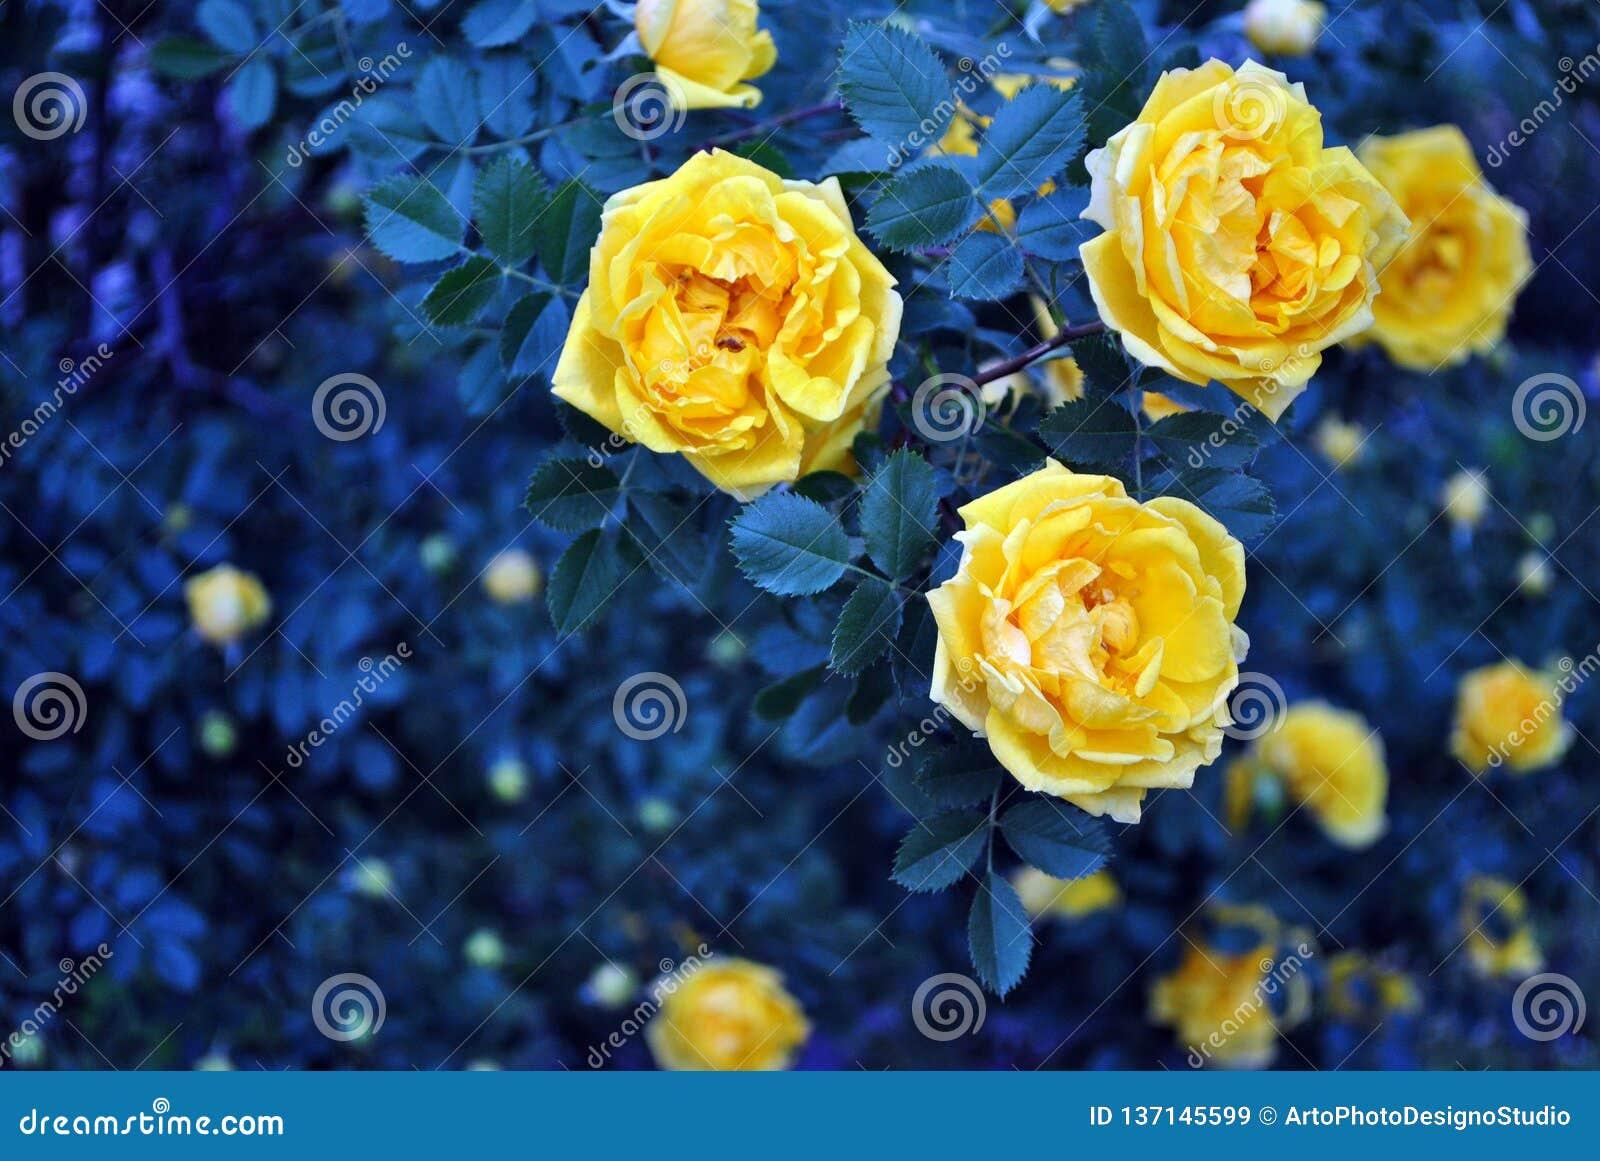 Flores amarelas e botões cor-de-rosa que florescem no arbusto, fundo turquesa-verde escuro das folhas